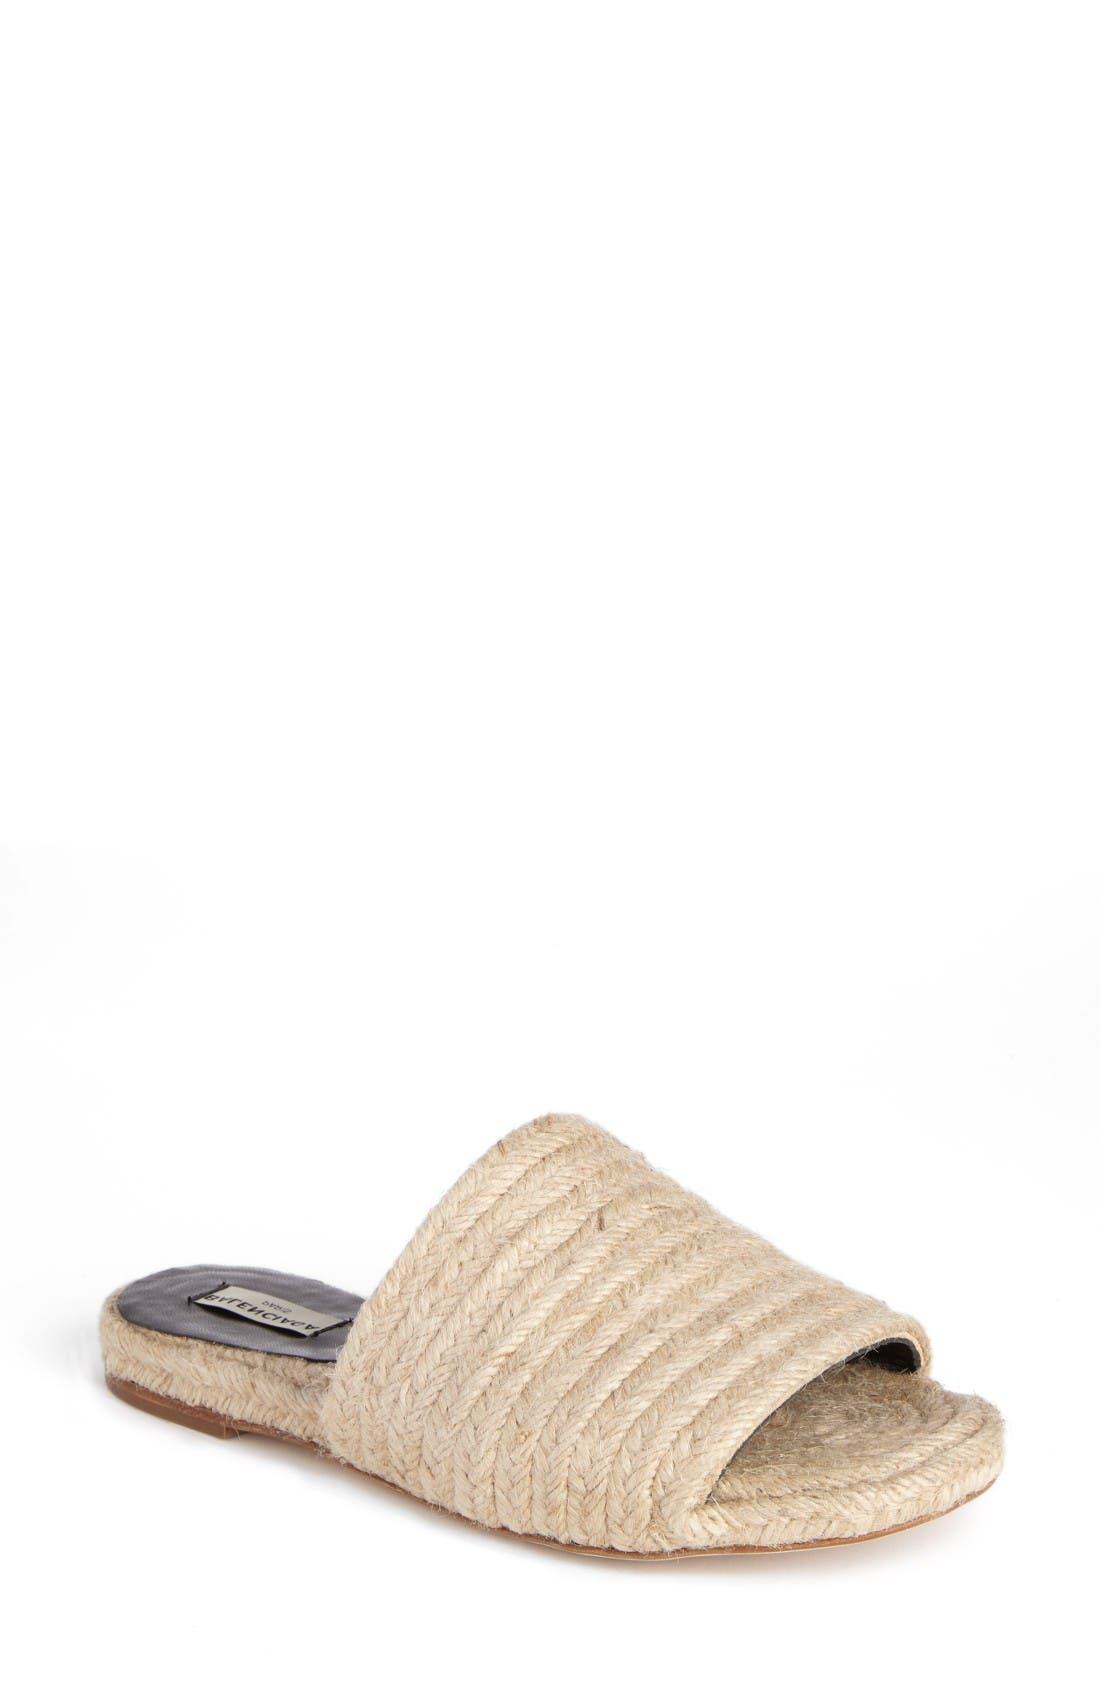 BALENCIAGA Jute Slide Sandal